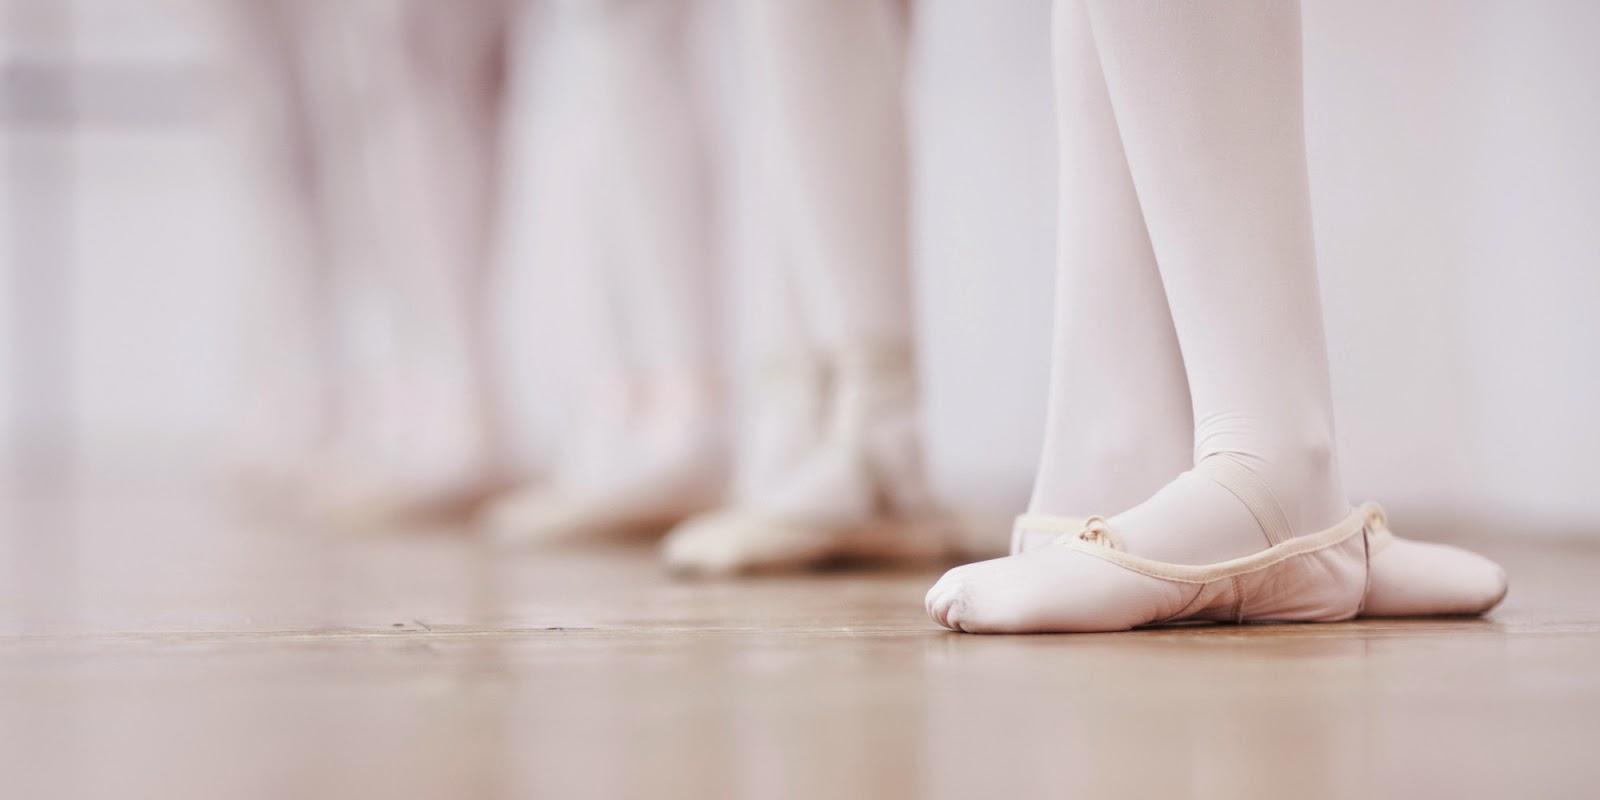 3ª posição dos pés em Ballet